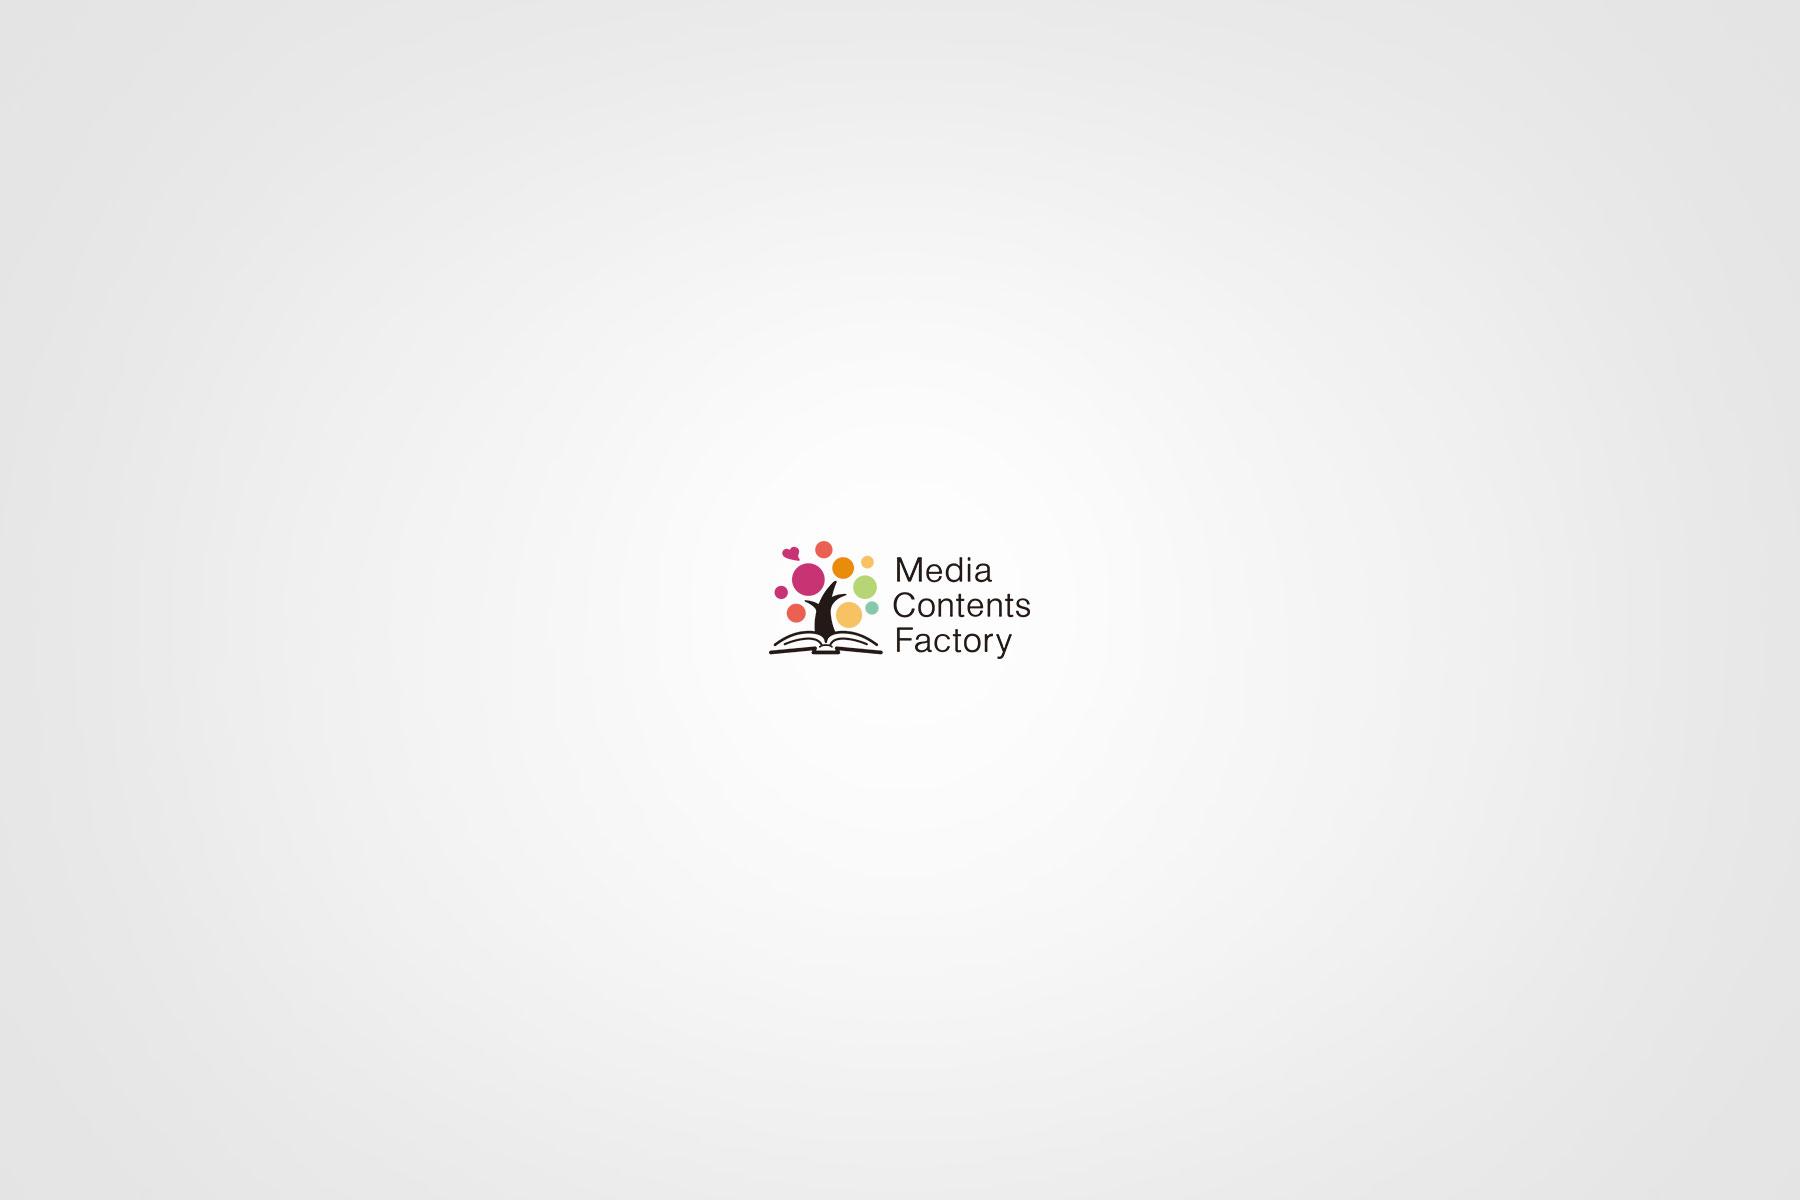 株式会社メディアコンテンツファクトリーのトップ画像